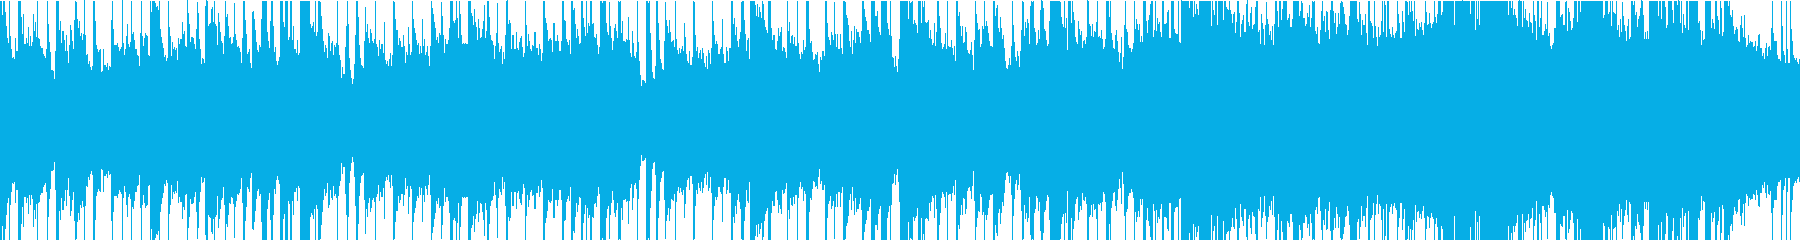 壮大なカントリーバラード/生音ループの再生済みの波形